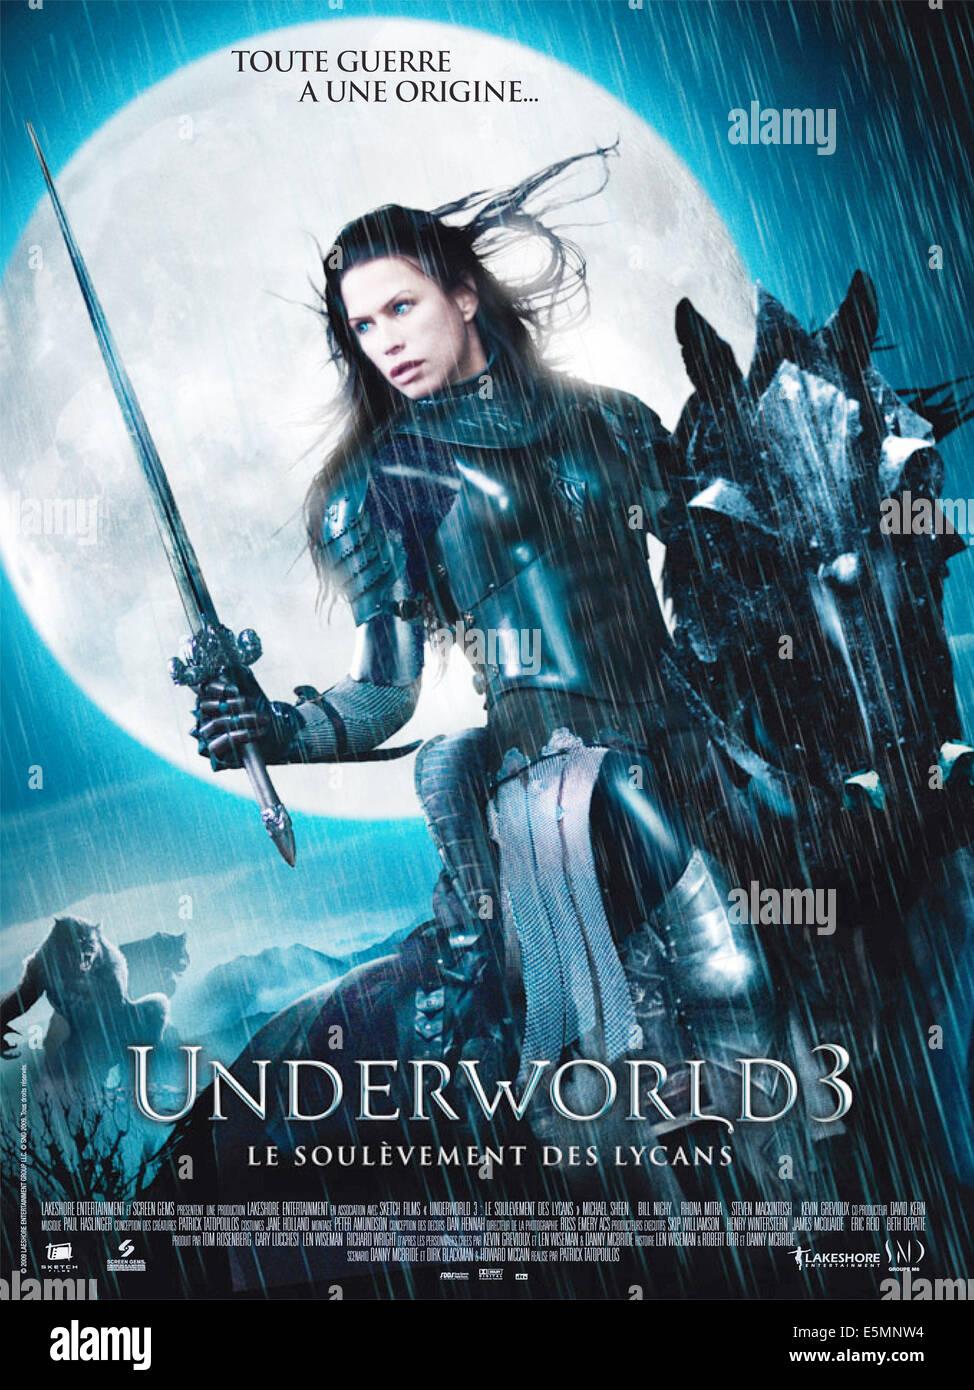 underworld 3 le soulèvement des lycans